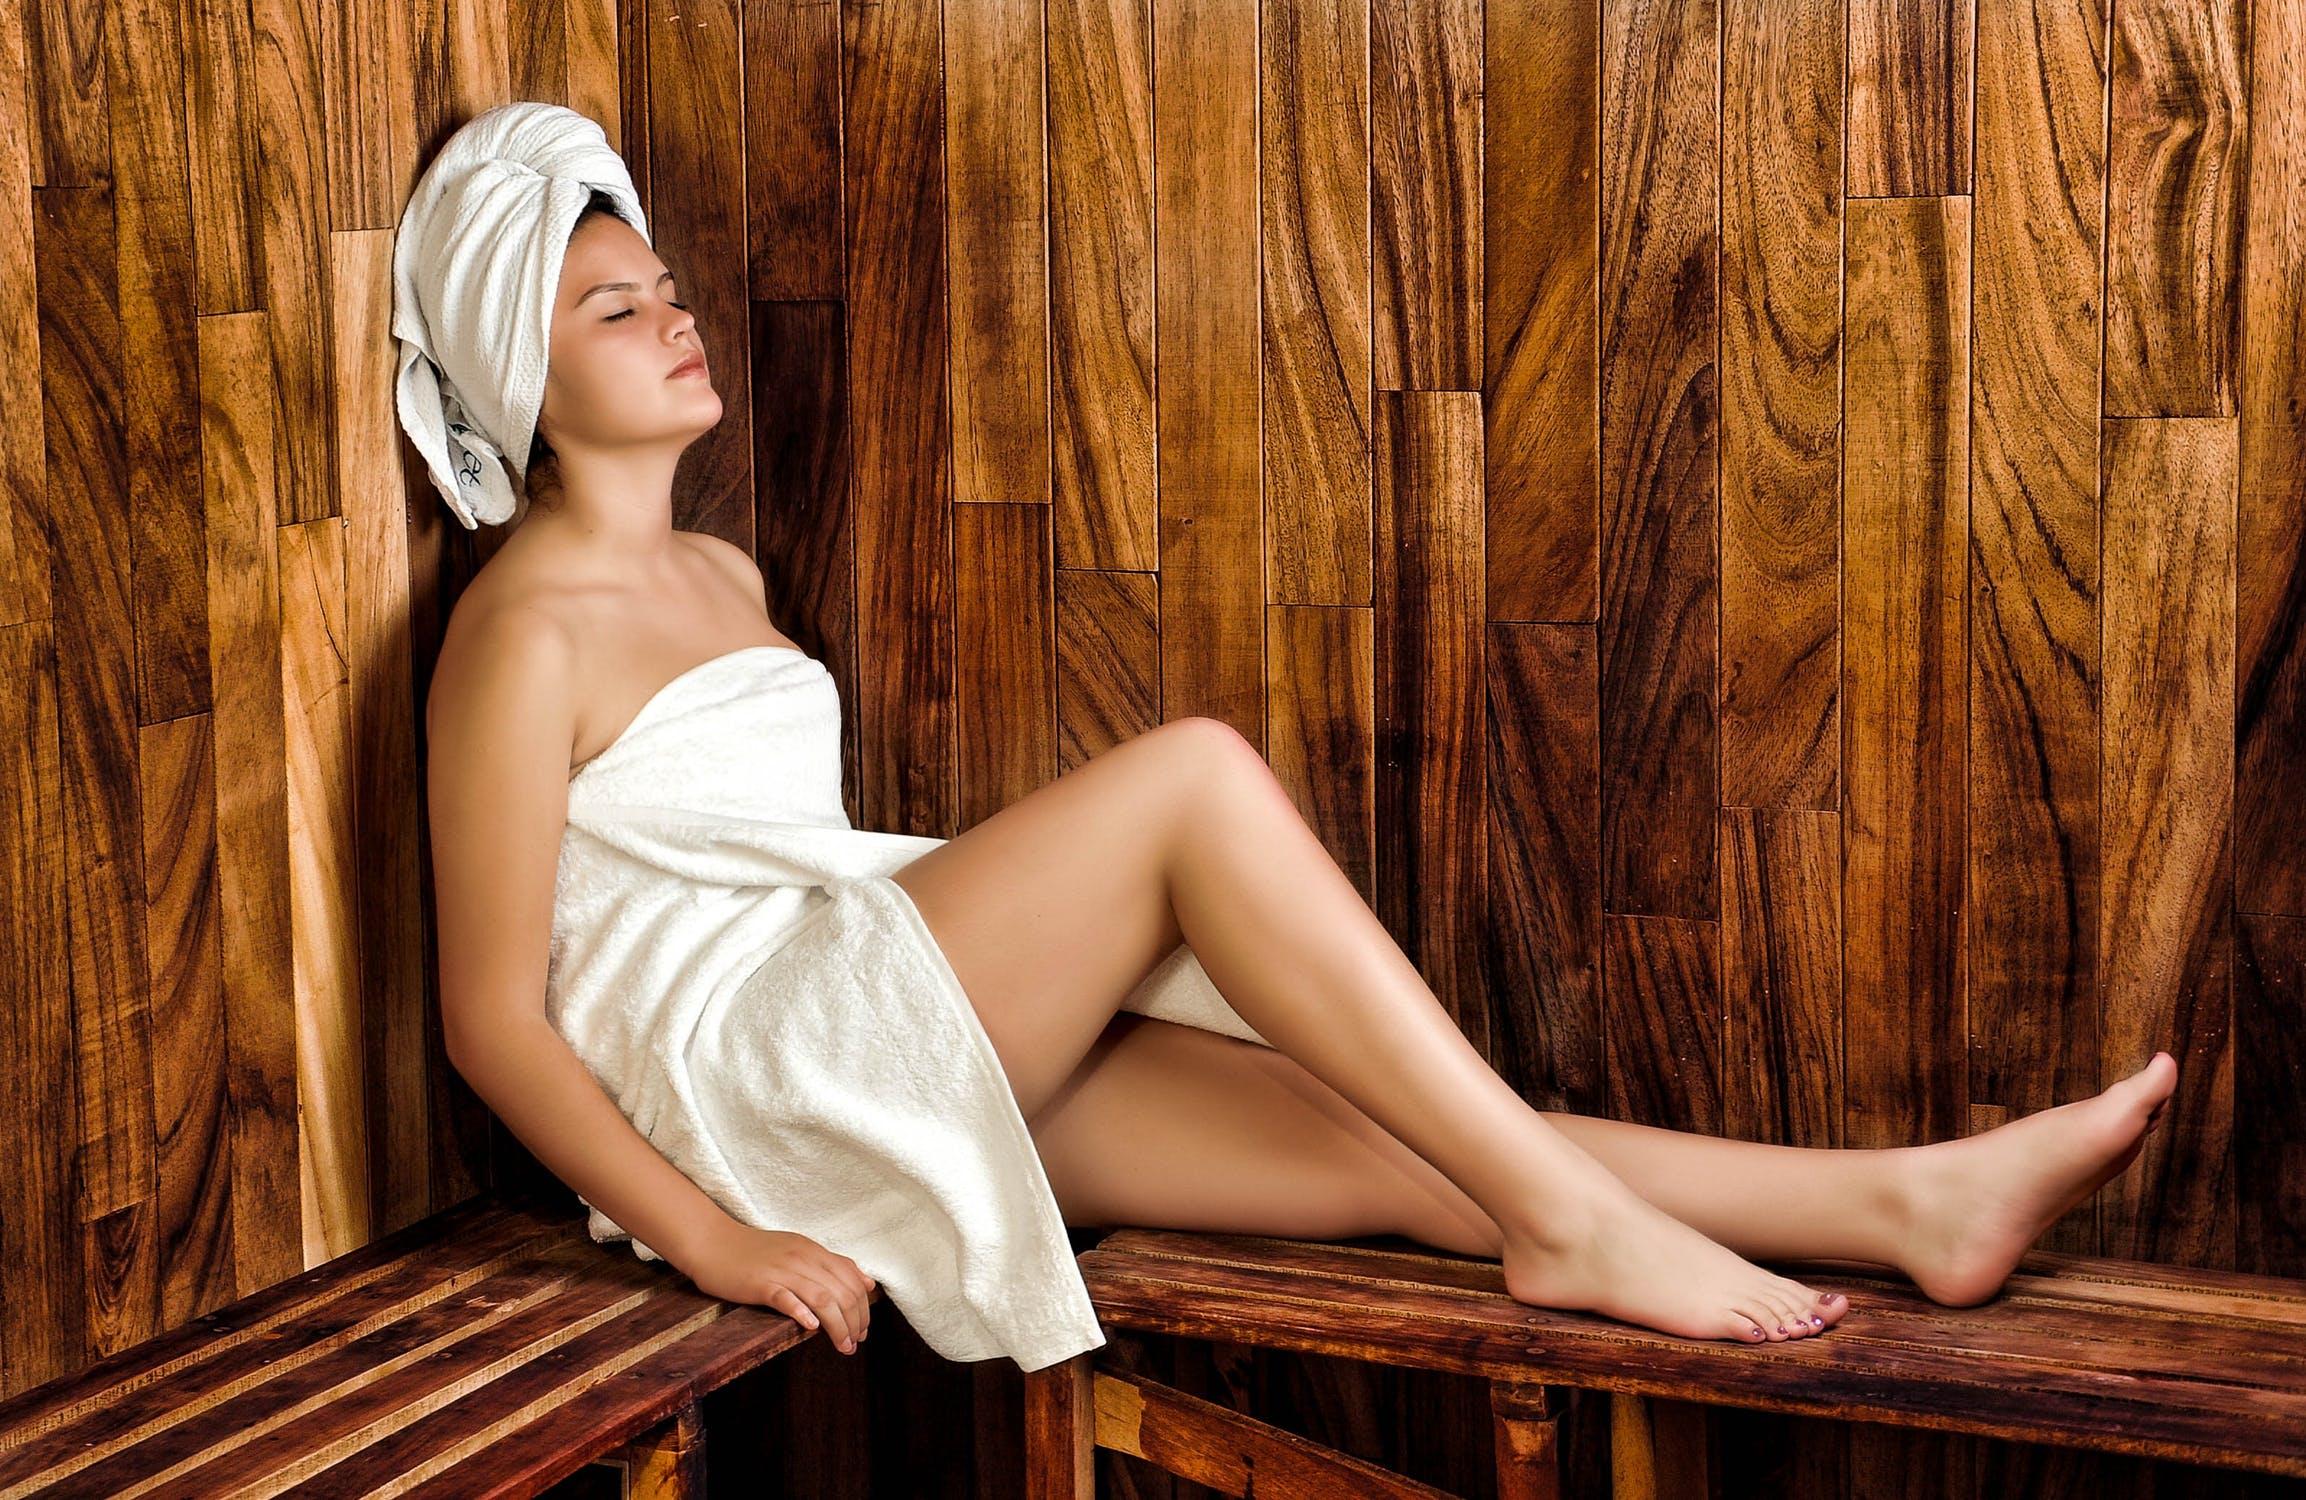 Ga goed voorbereid naar de sauna